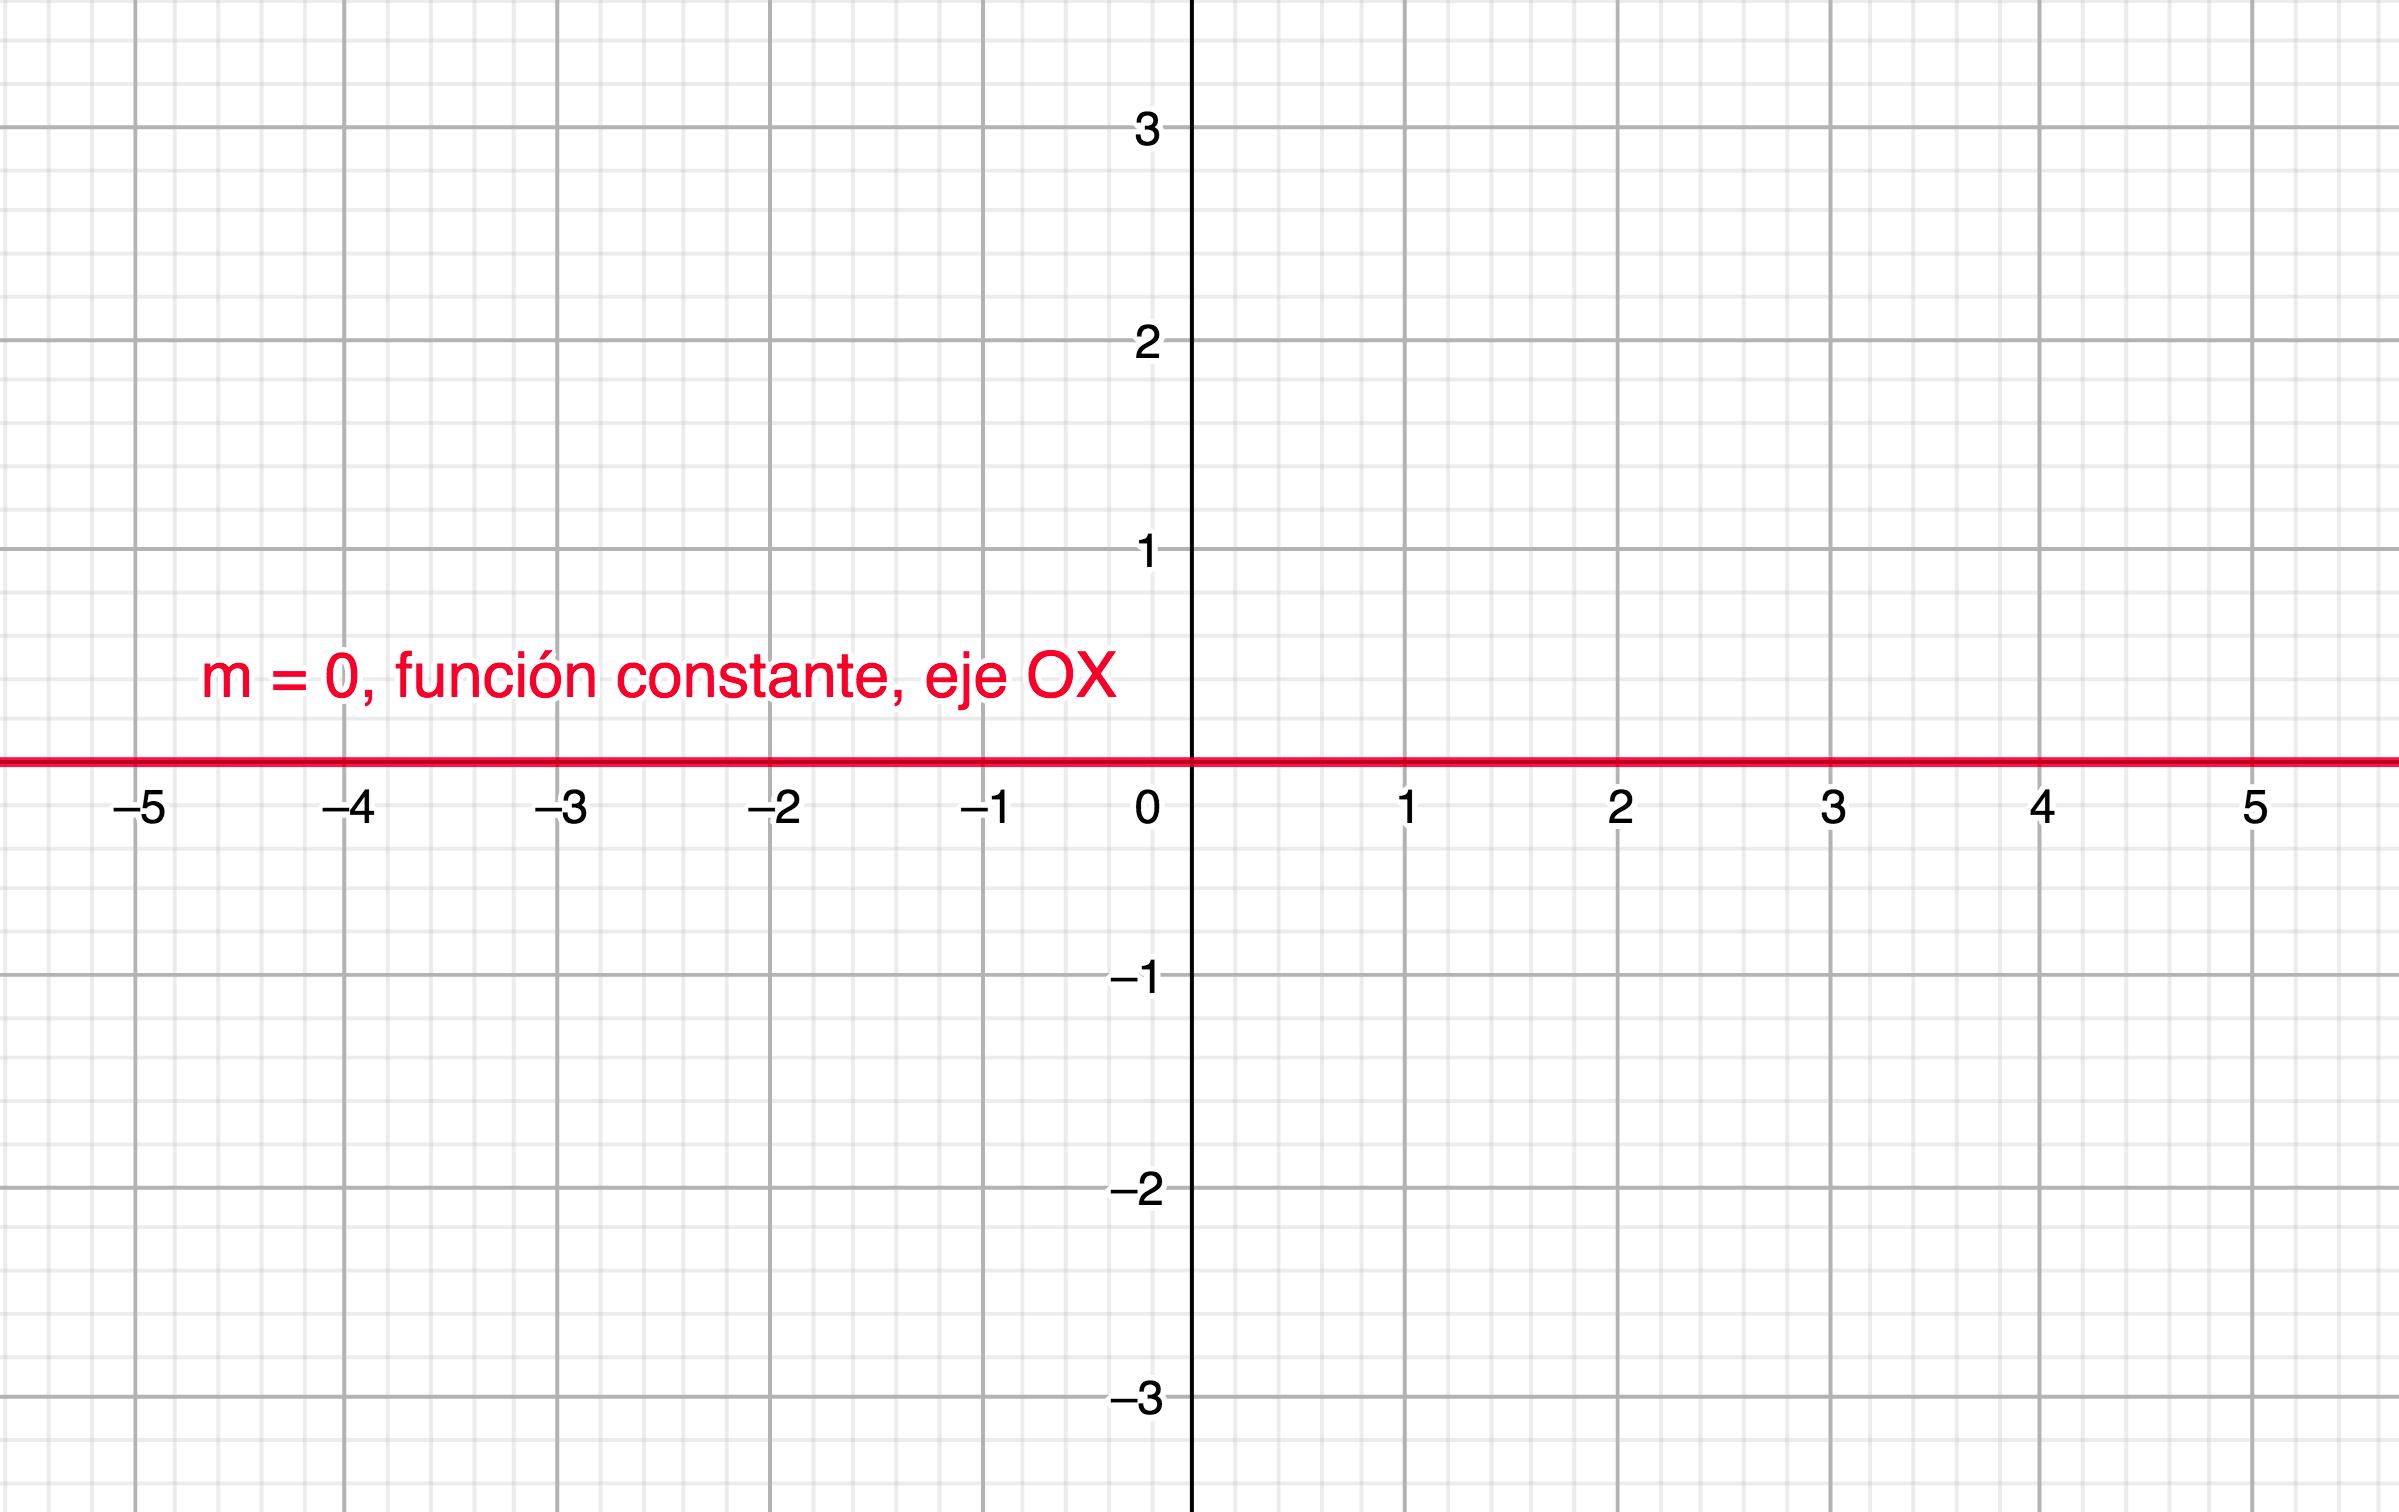 Cuando m=0, la función lineal es constante y coincide con el eje OX